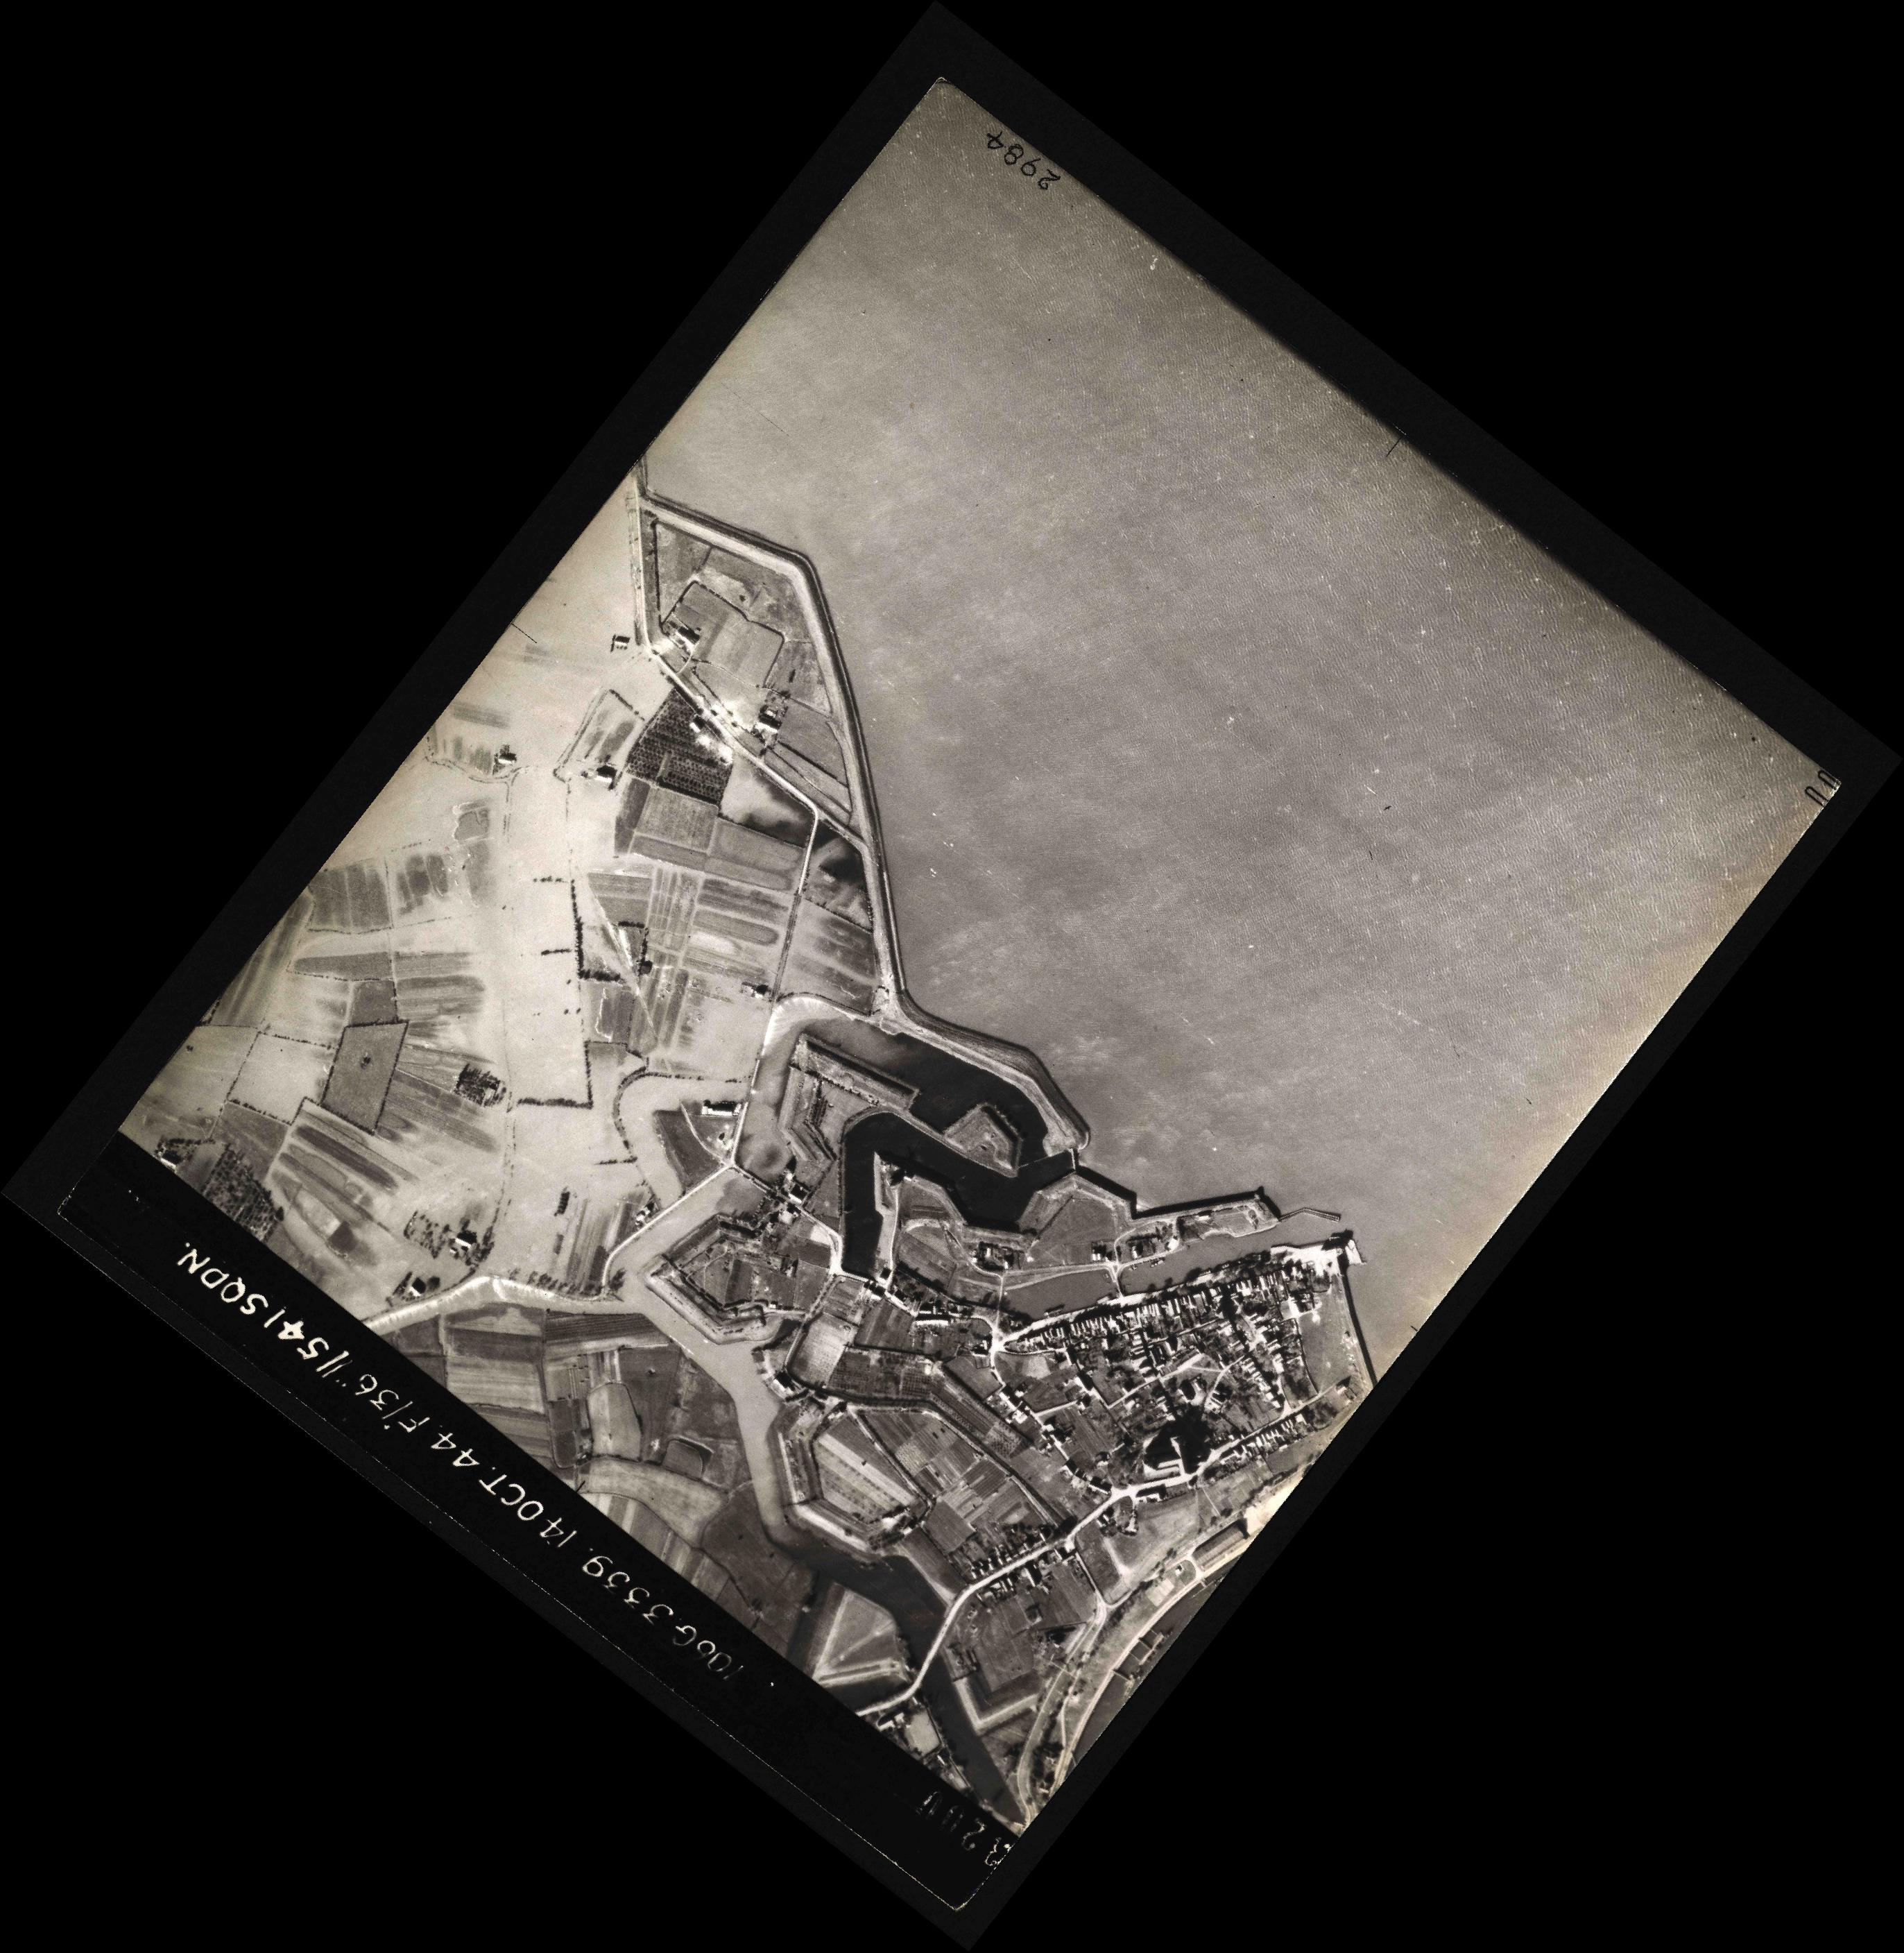 Collection RAF aerial photos 1940-1945 - flight 042, run 01, photo 3200